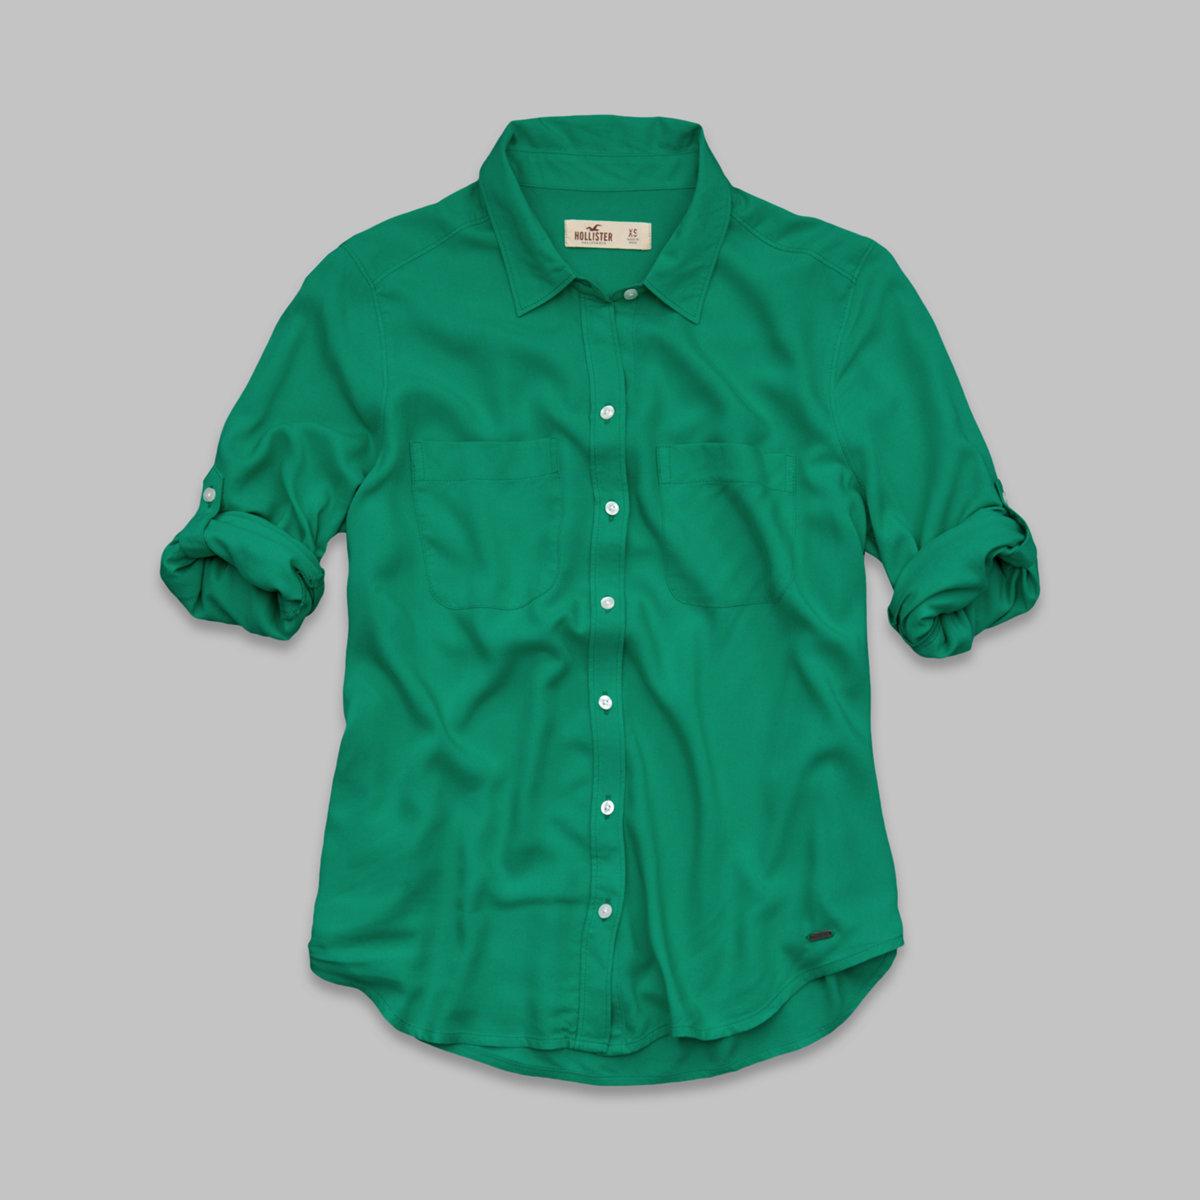 El Matador Shirt